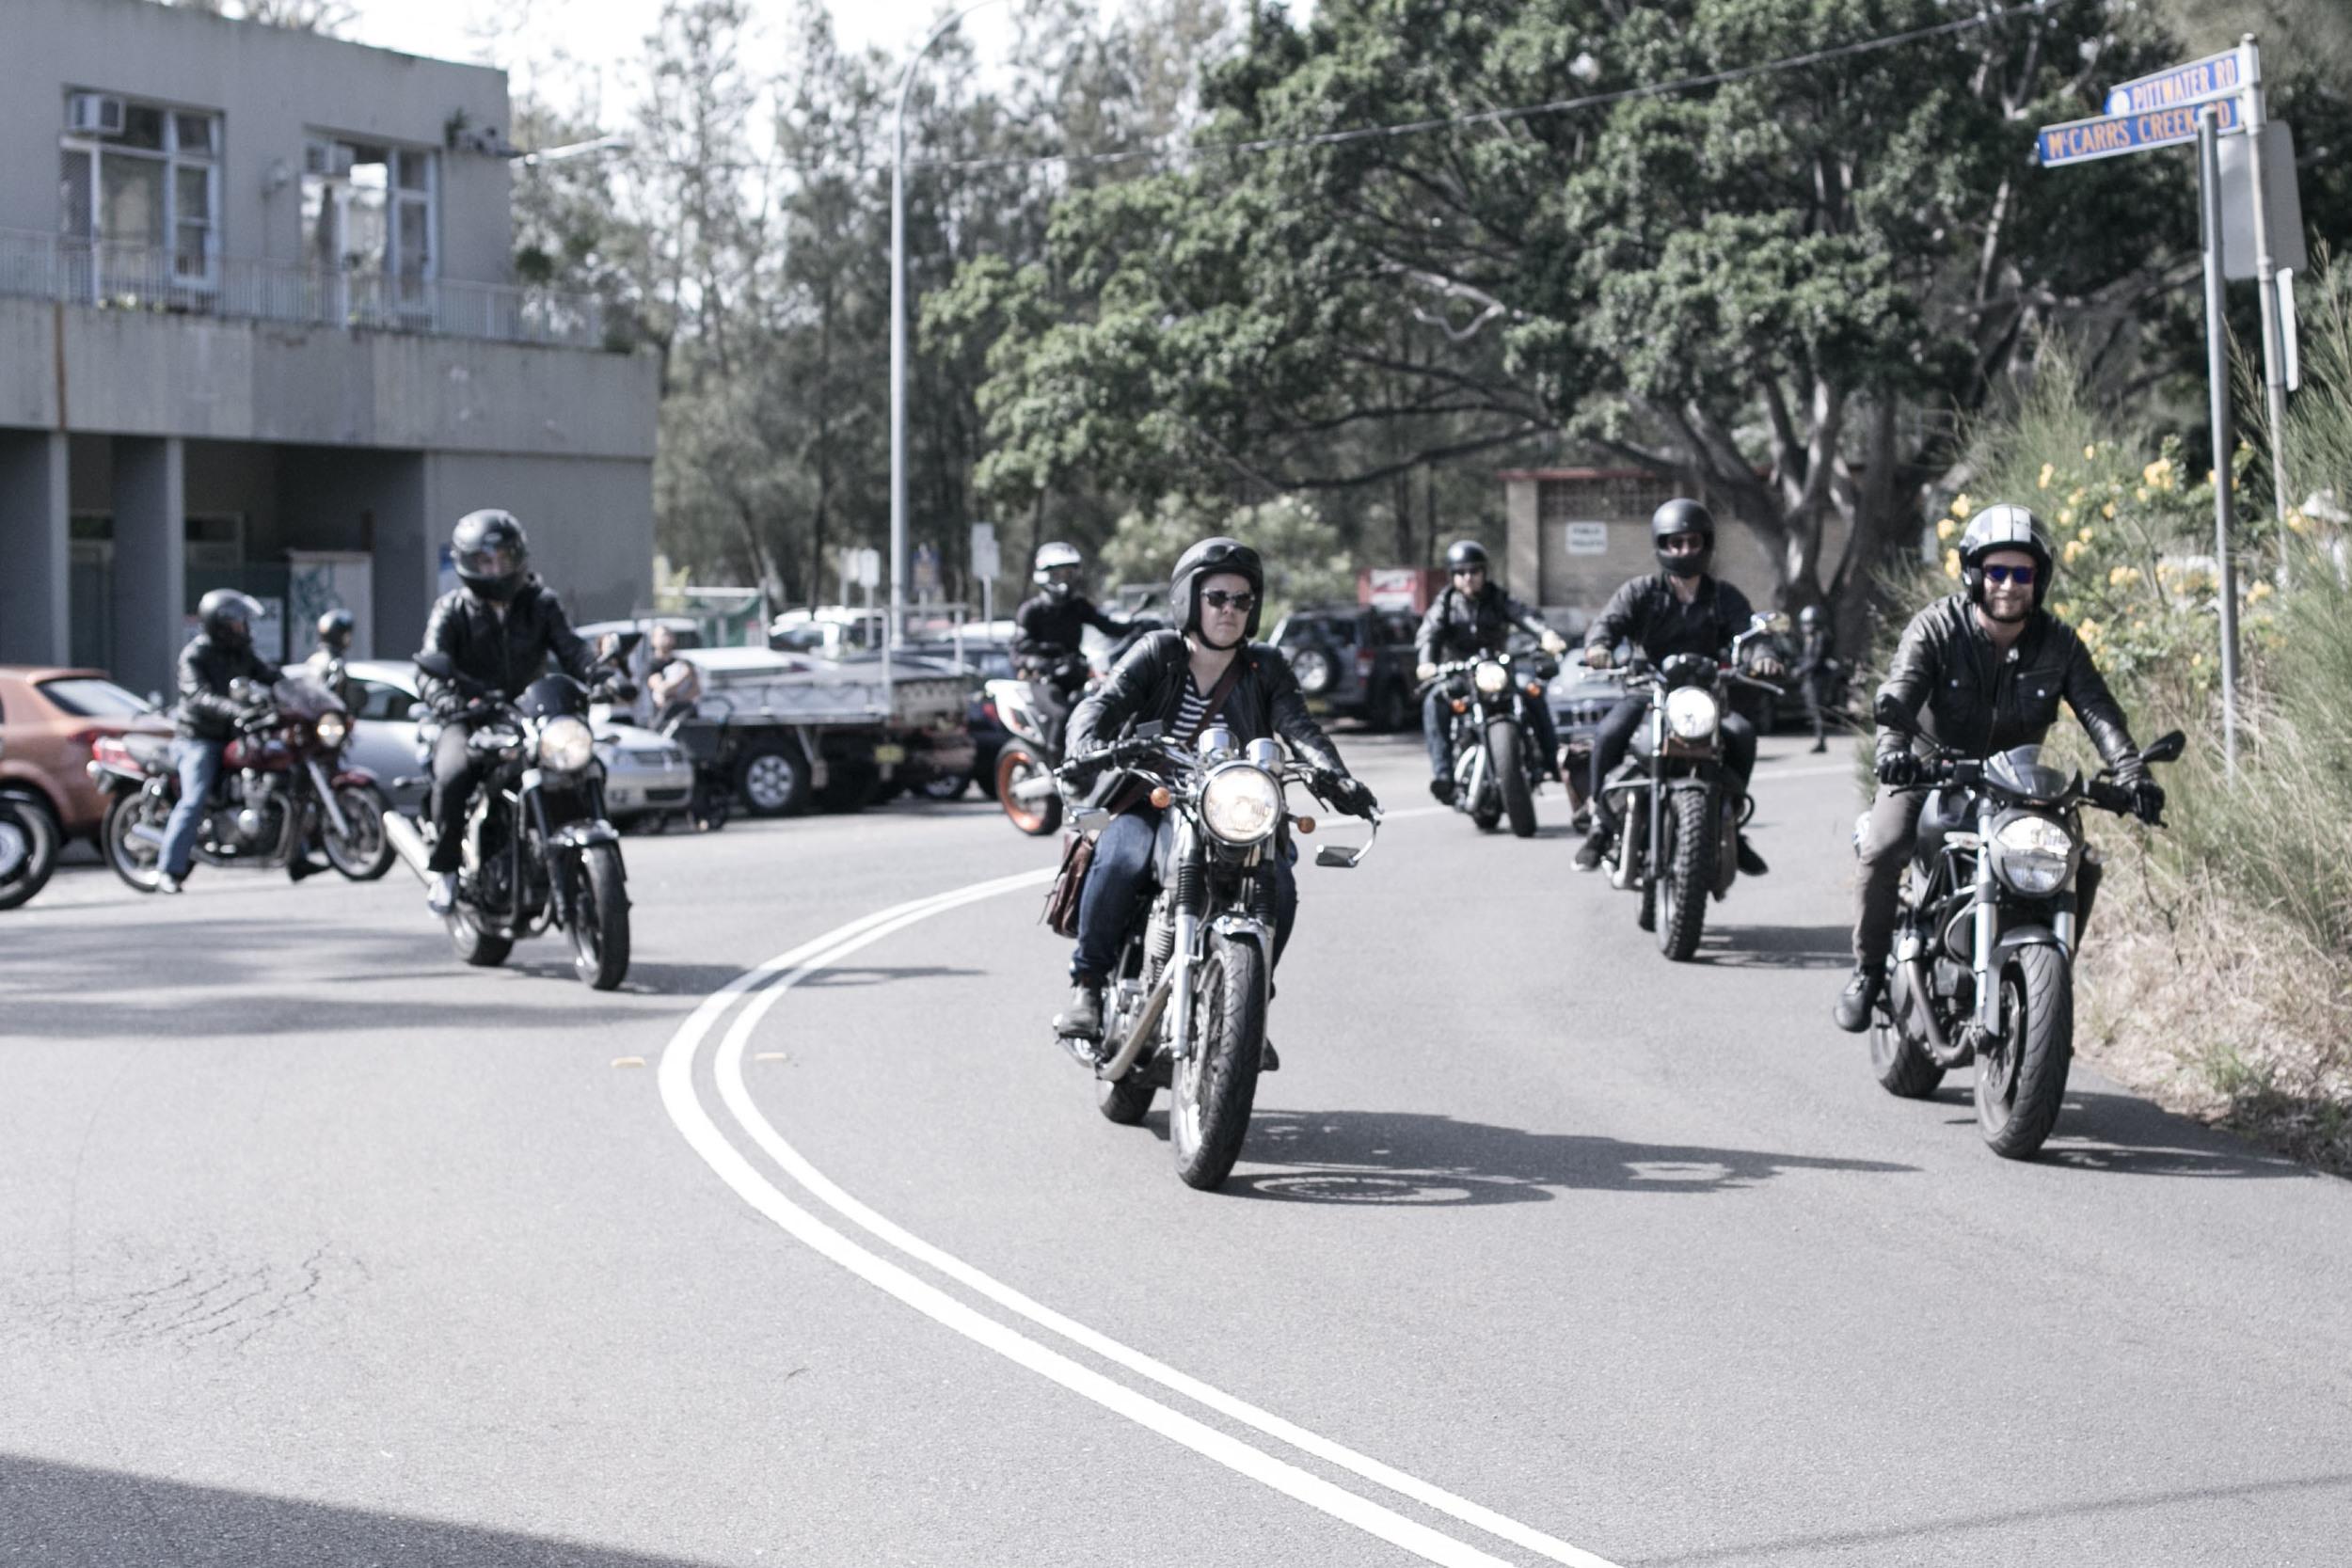 in_venus_Veritas_throttle_dolls_ride-63.jpg